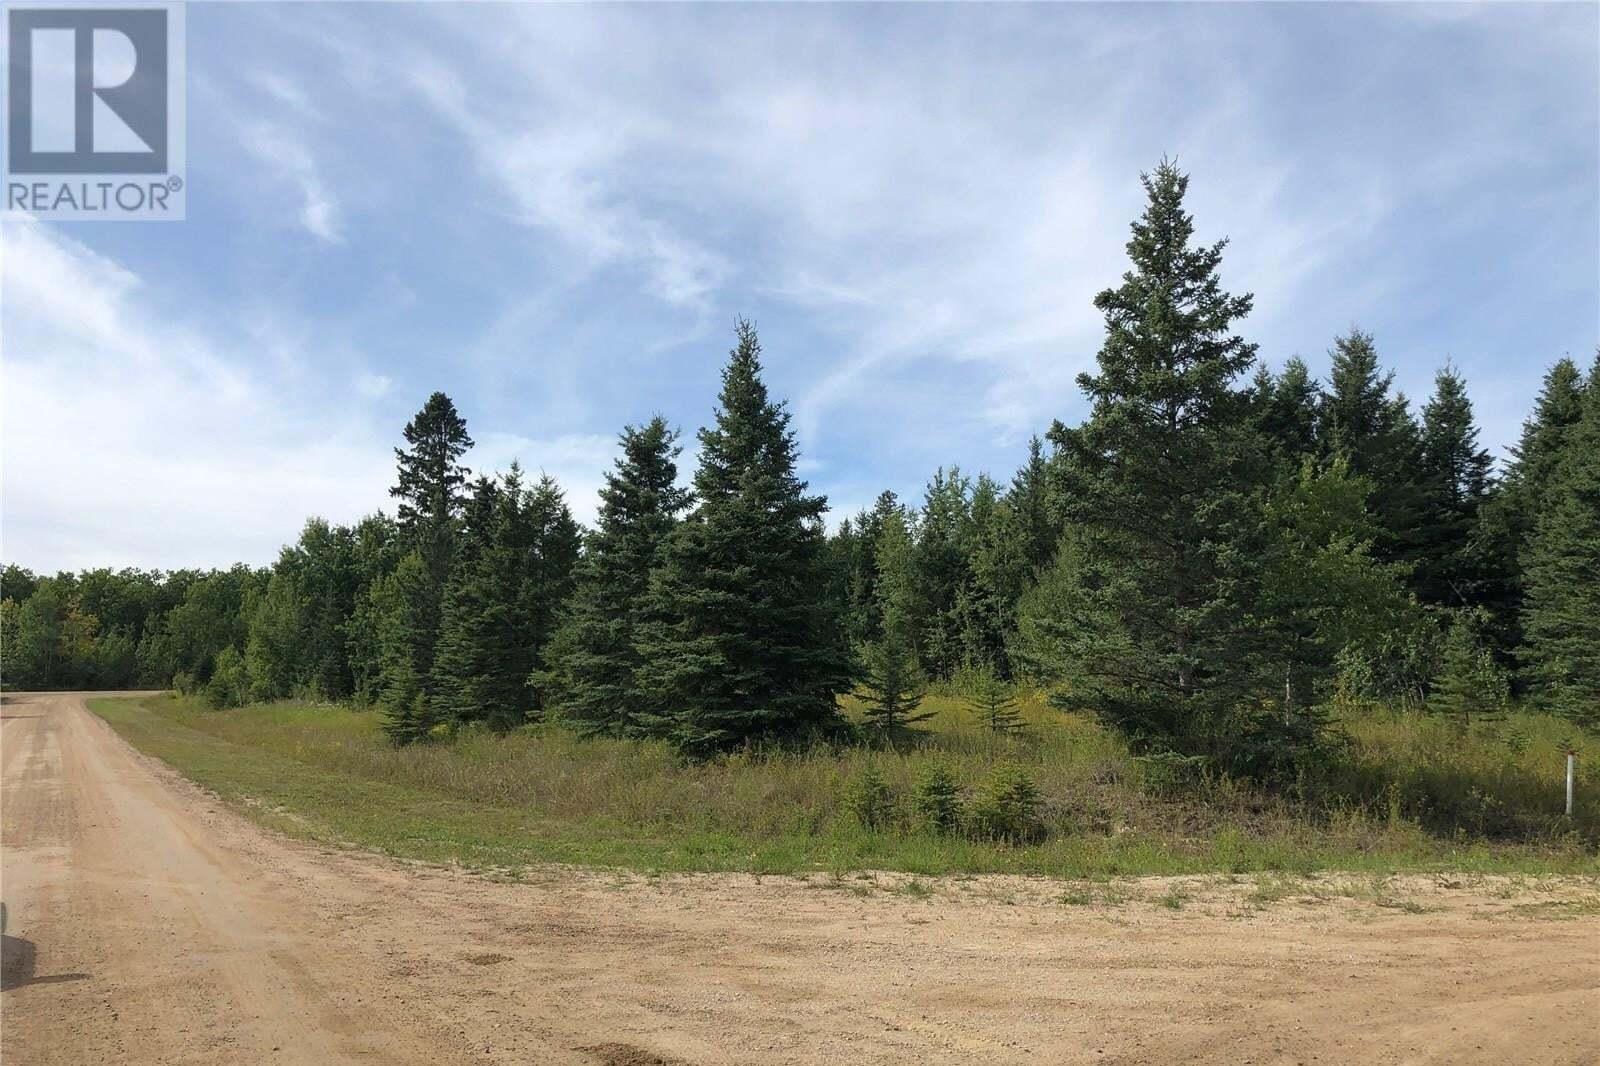 Home for sale at 5 Spruce Rd Christopher Lake Saskatchewan - MLS: SK823775